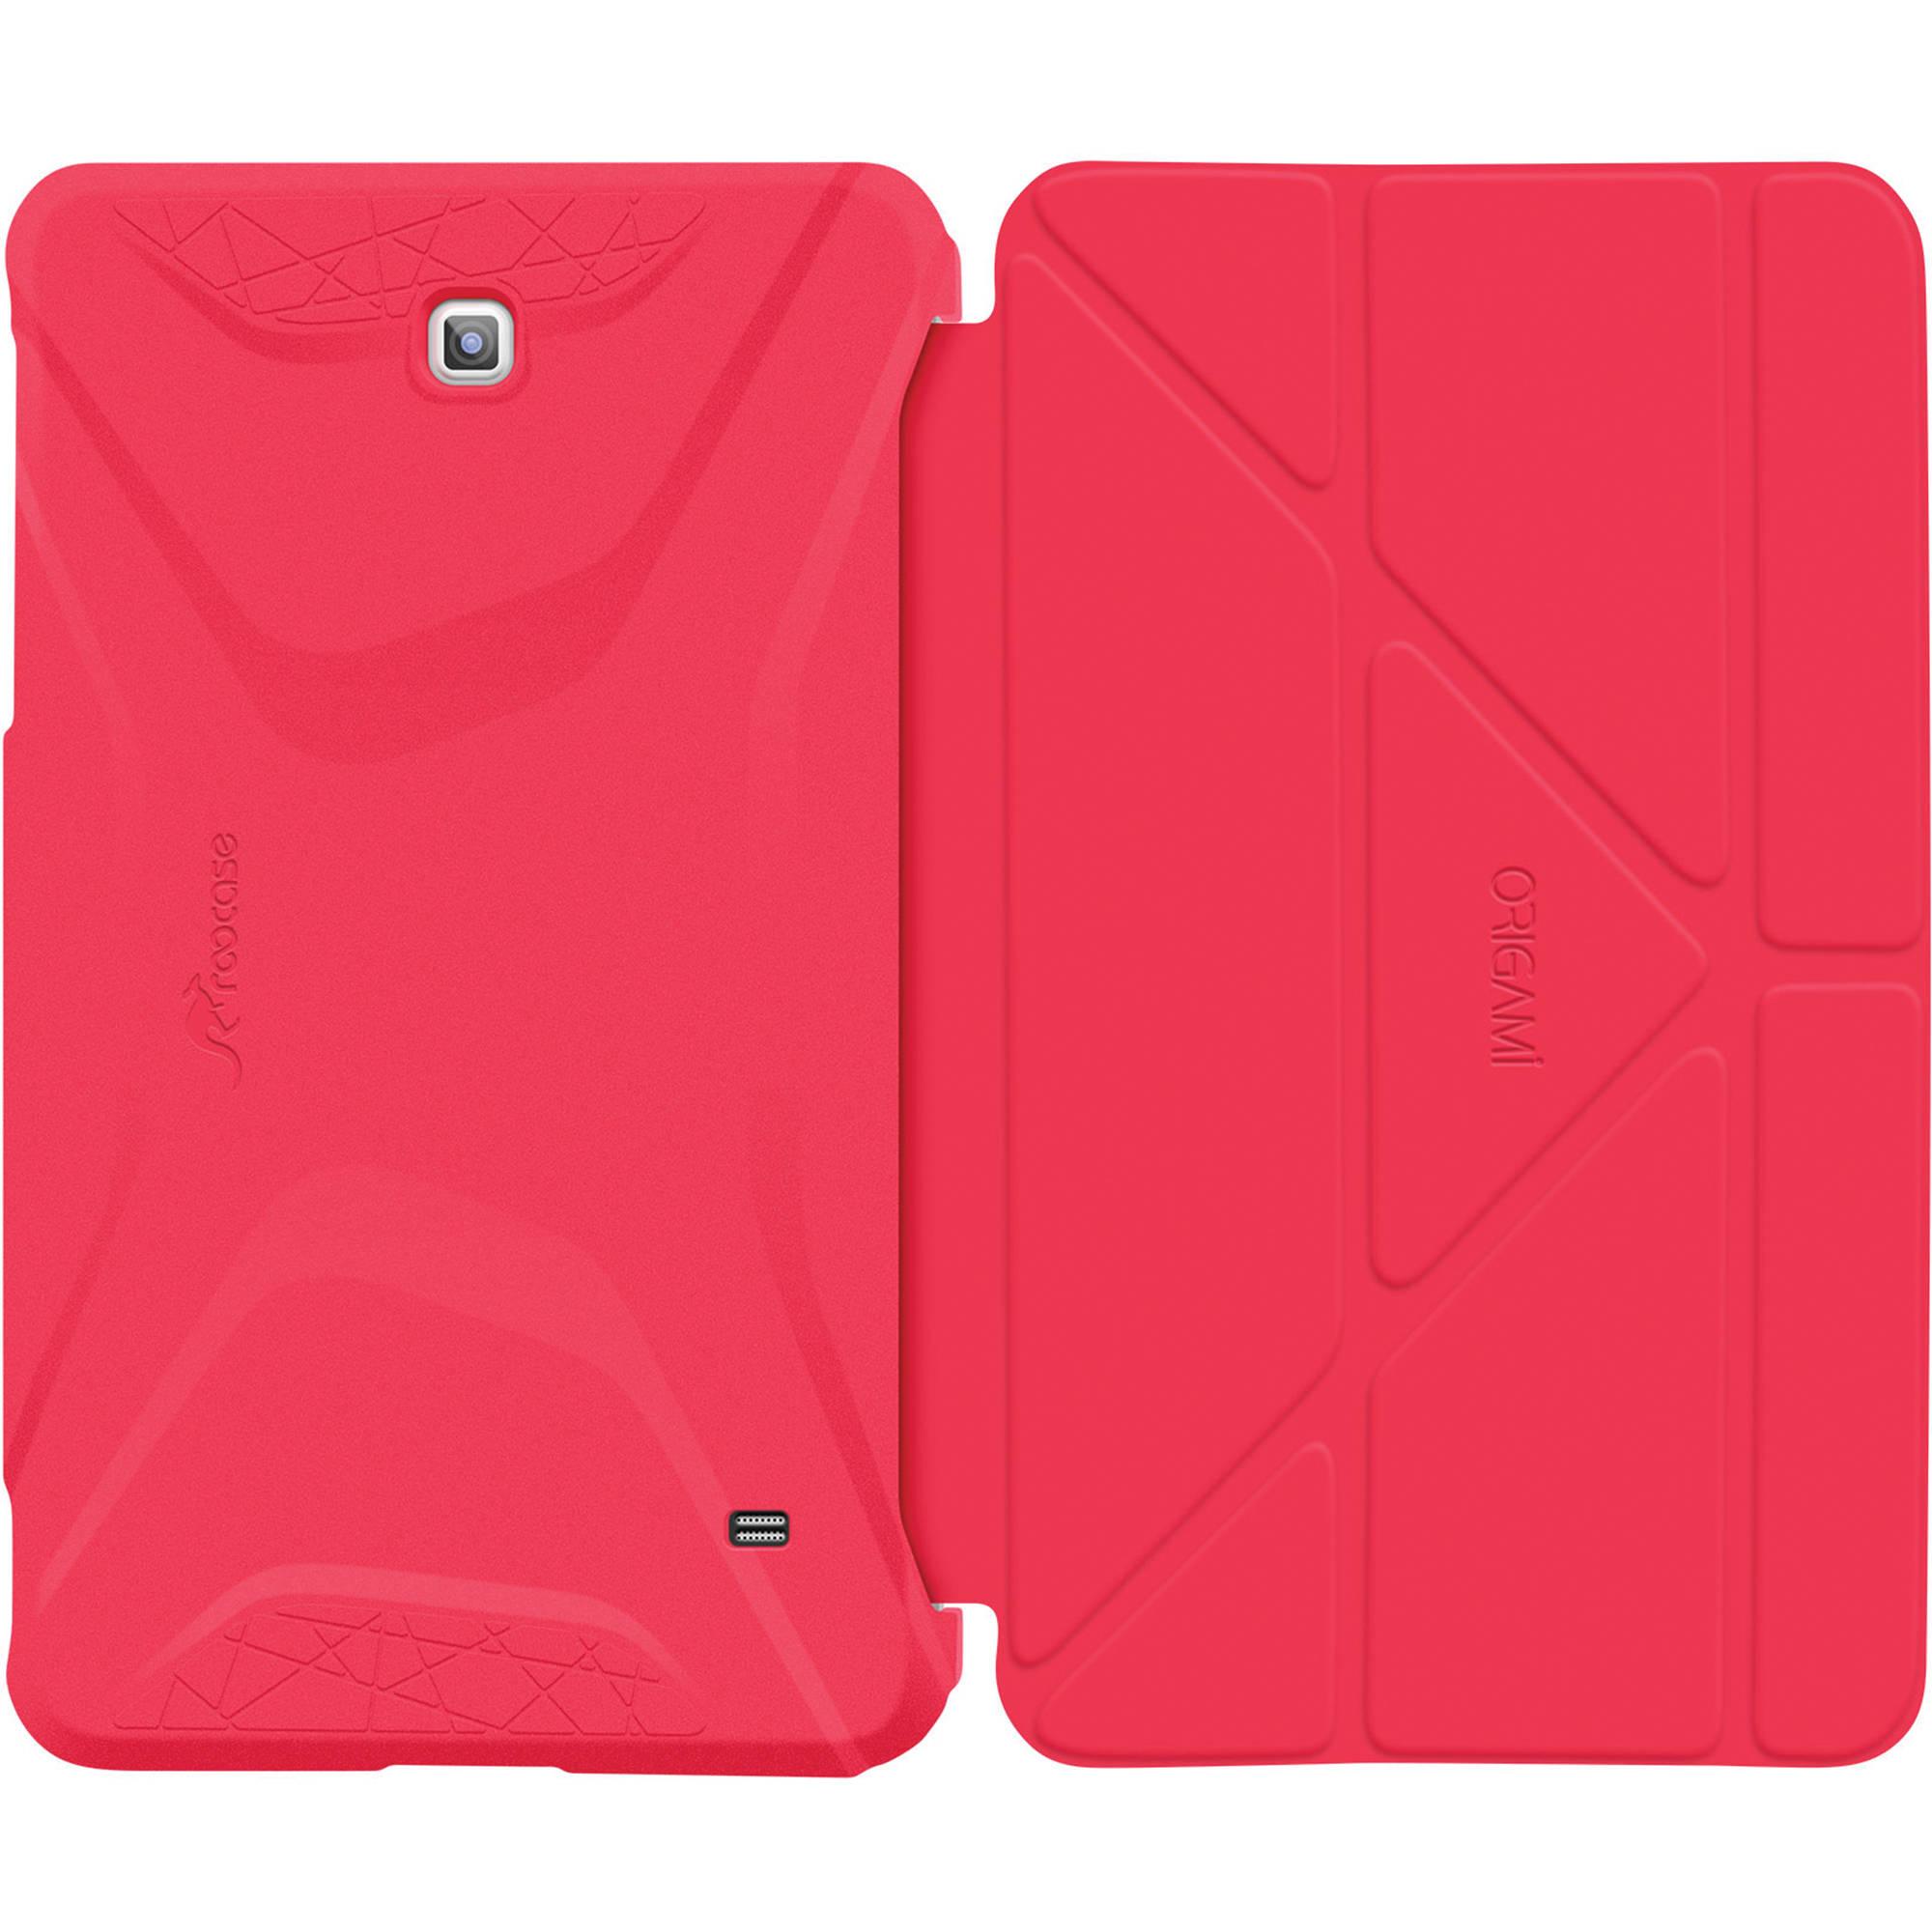 fa9dc4b77b6 rooCASE Origami 3D Slim Shell Folio RC-GALX7-TAB4-OG-SS-PR/RP